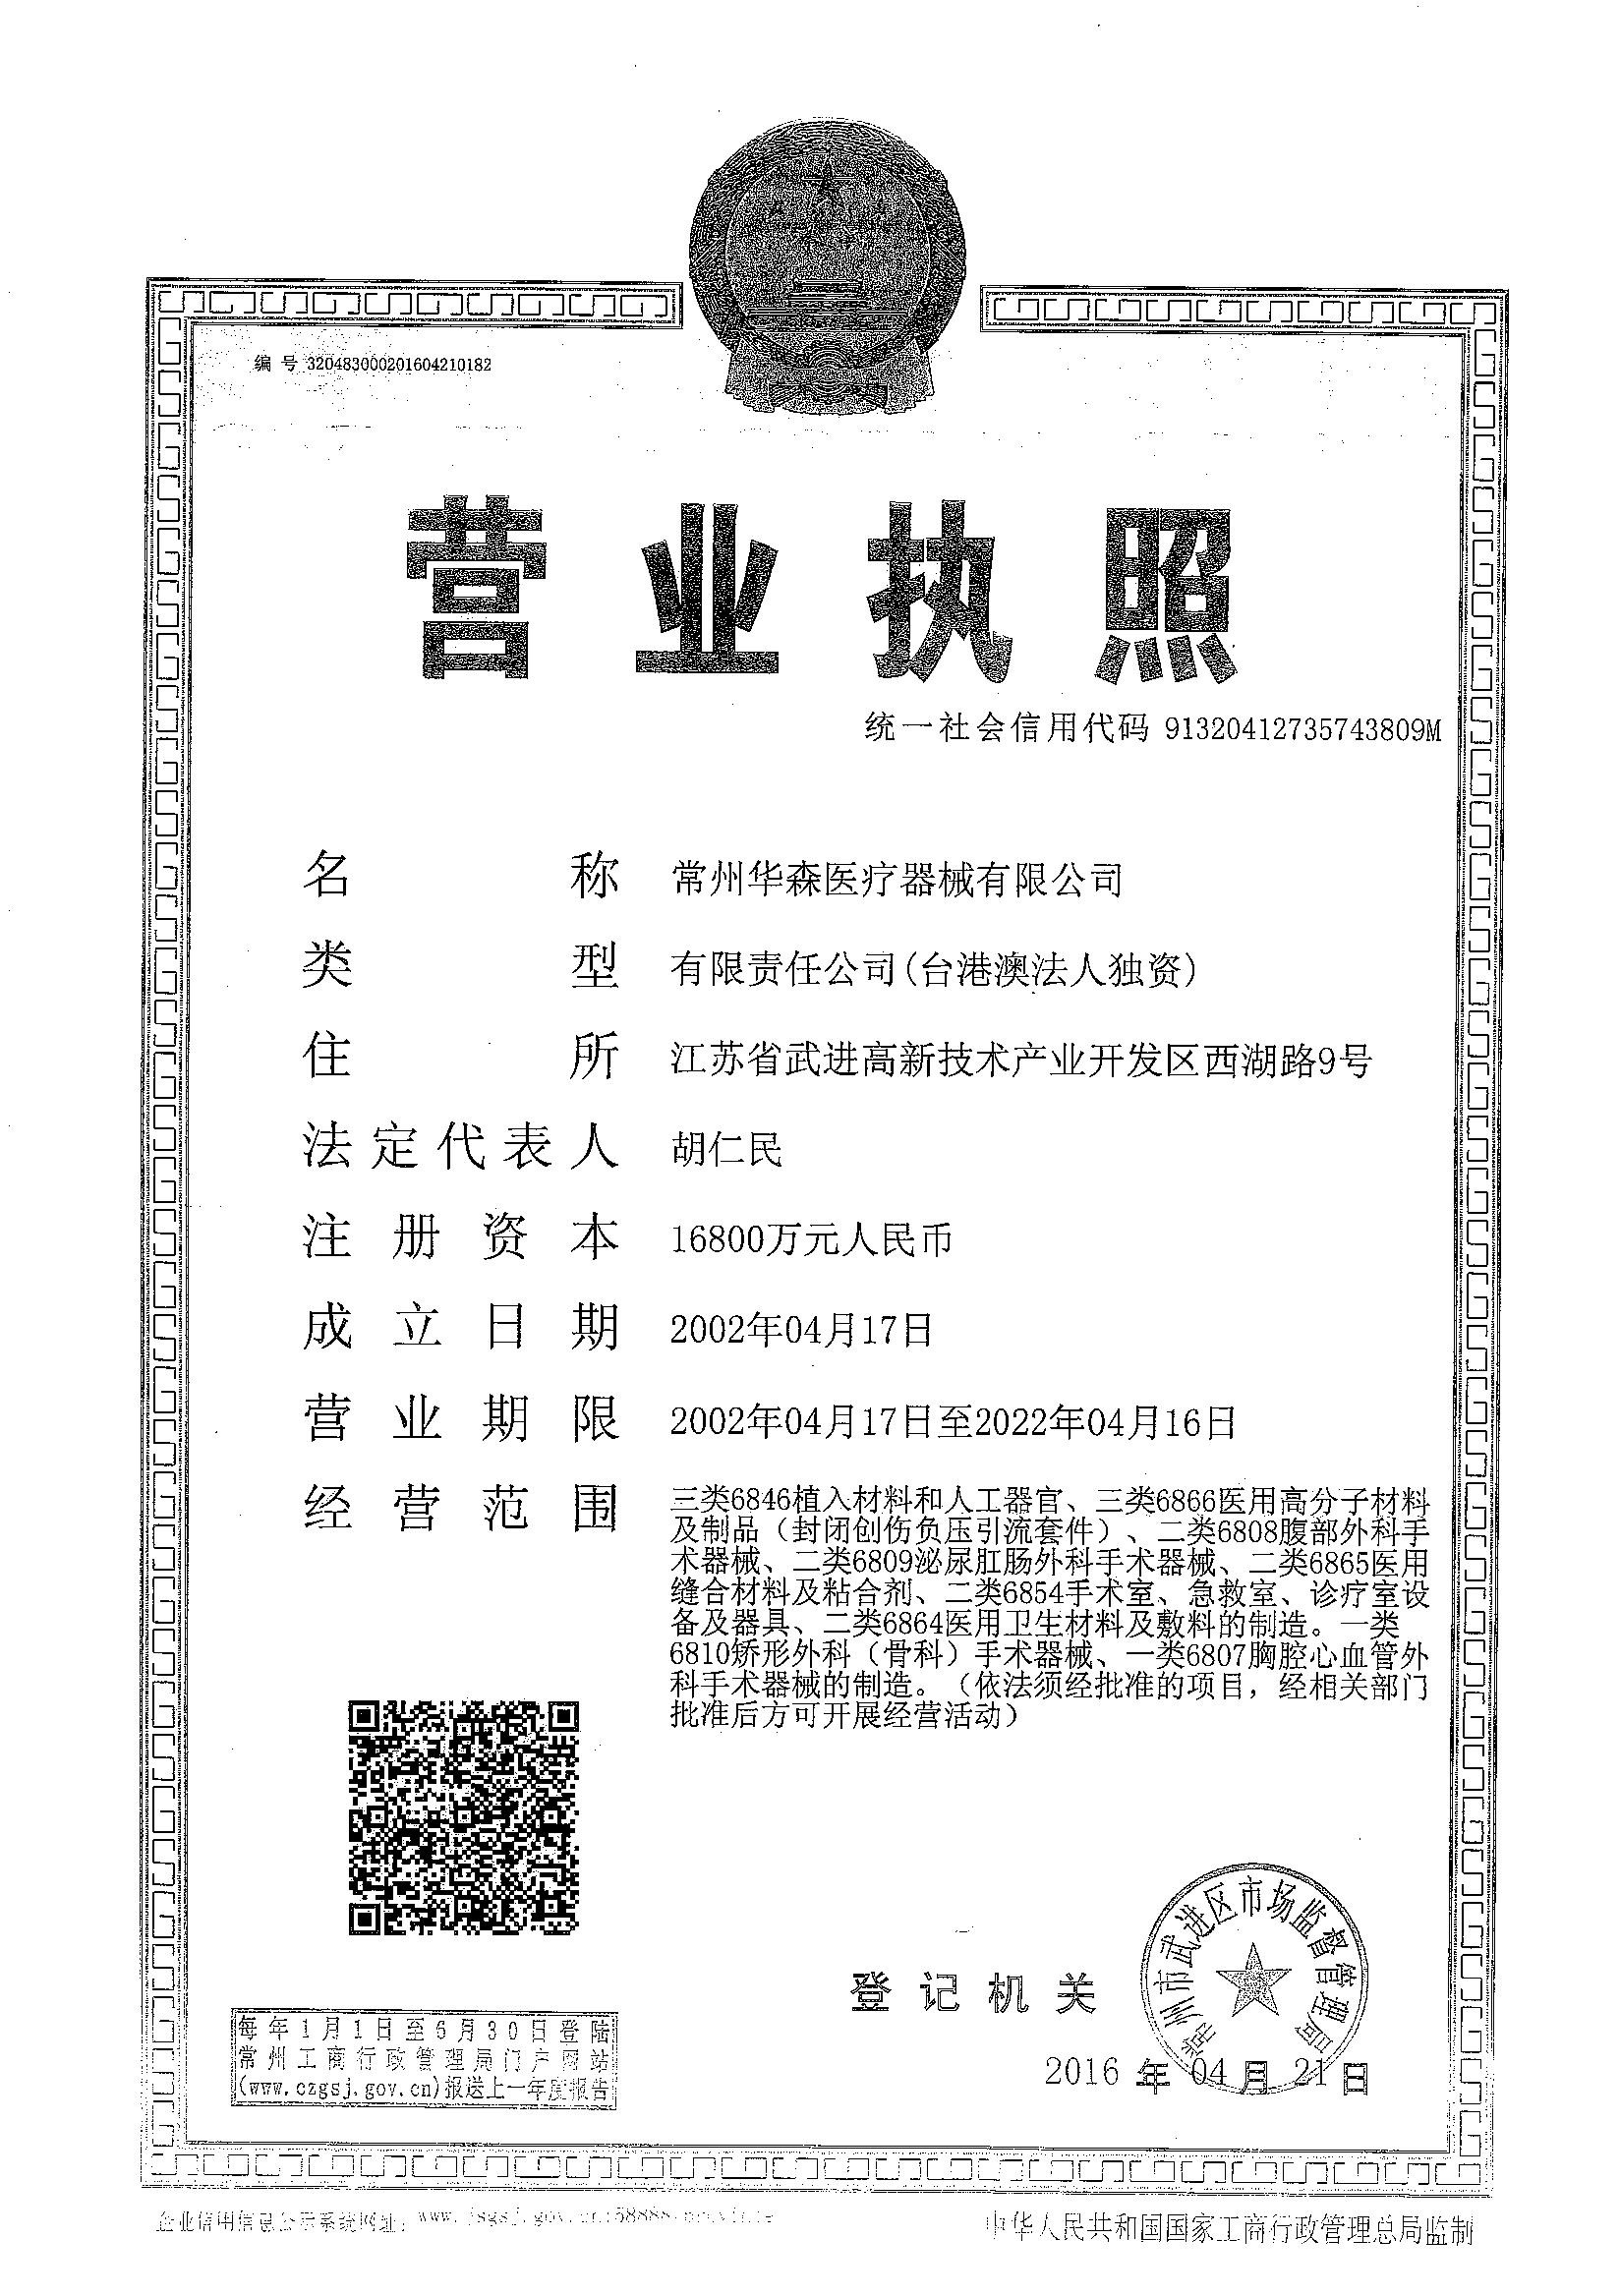 CFDA License-YYZZ320483000201604210182